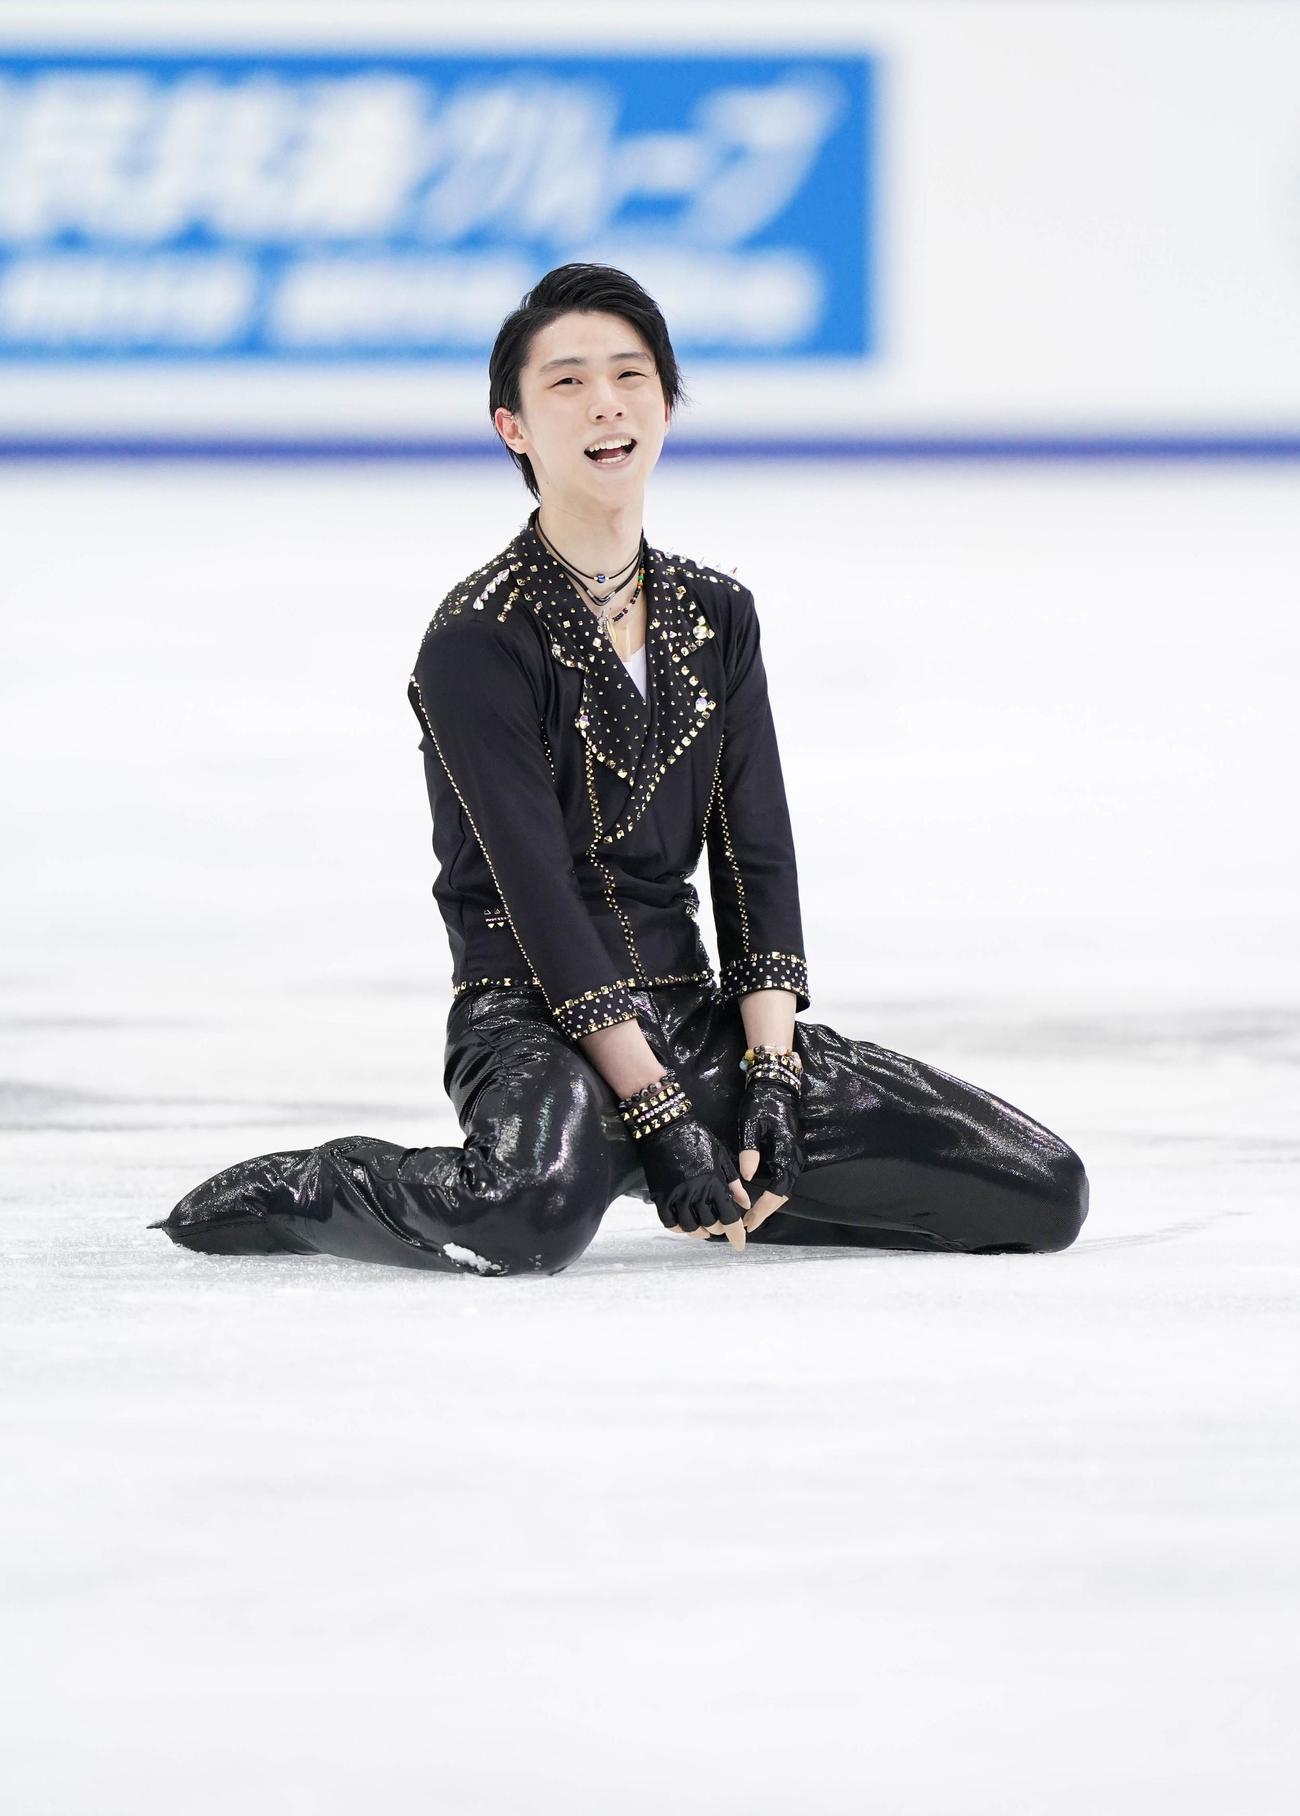 全日本フィギュアスケート選手権 男子SPの演技を終えて笑顔を見せる羽生(代表撮影)